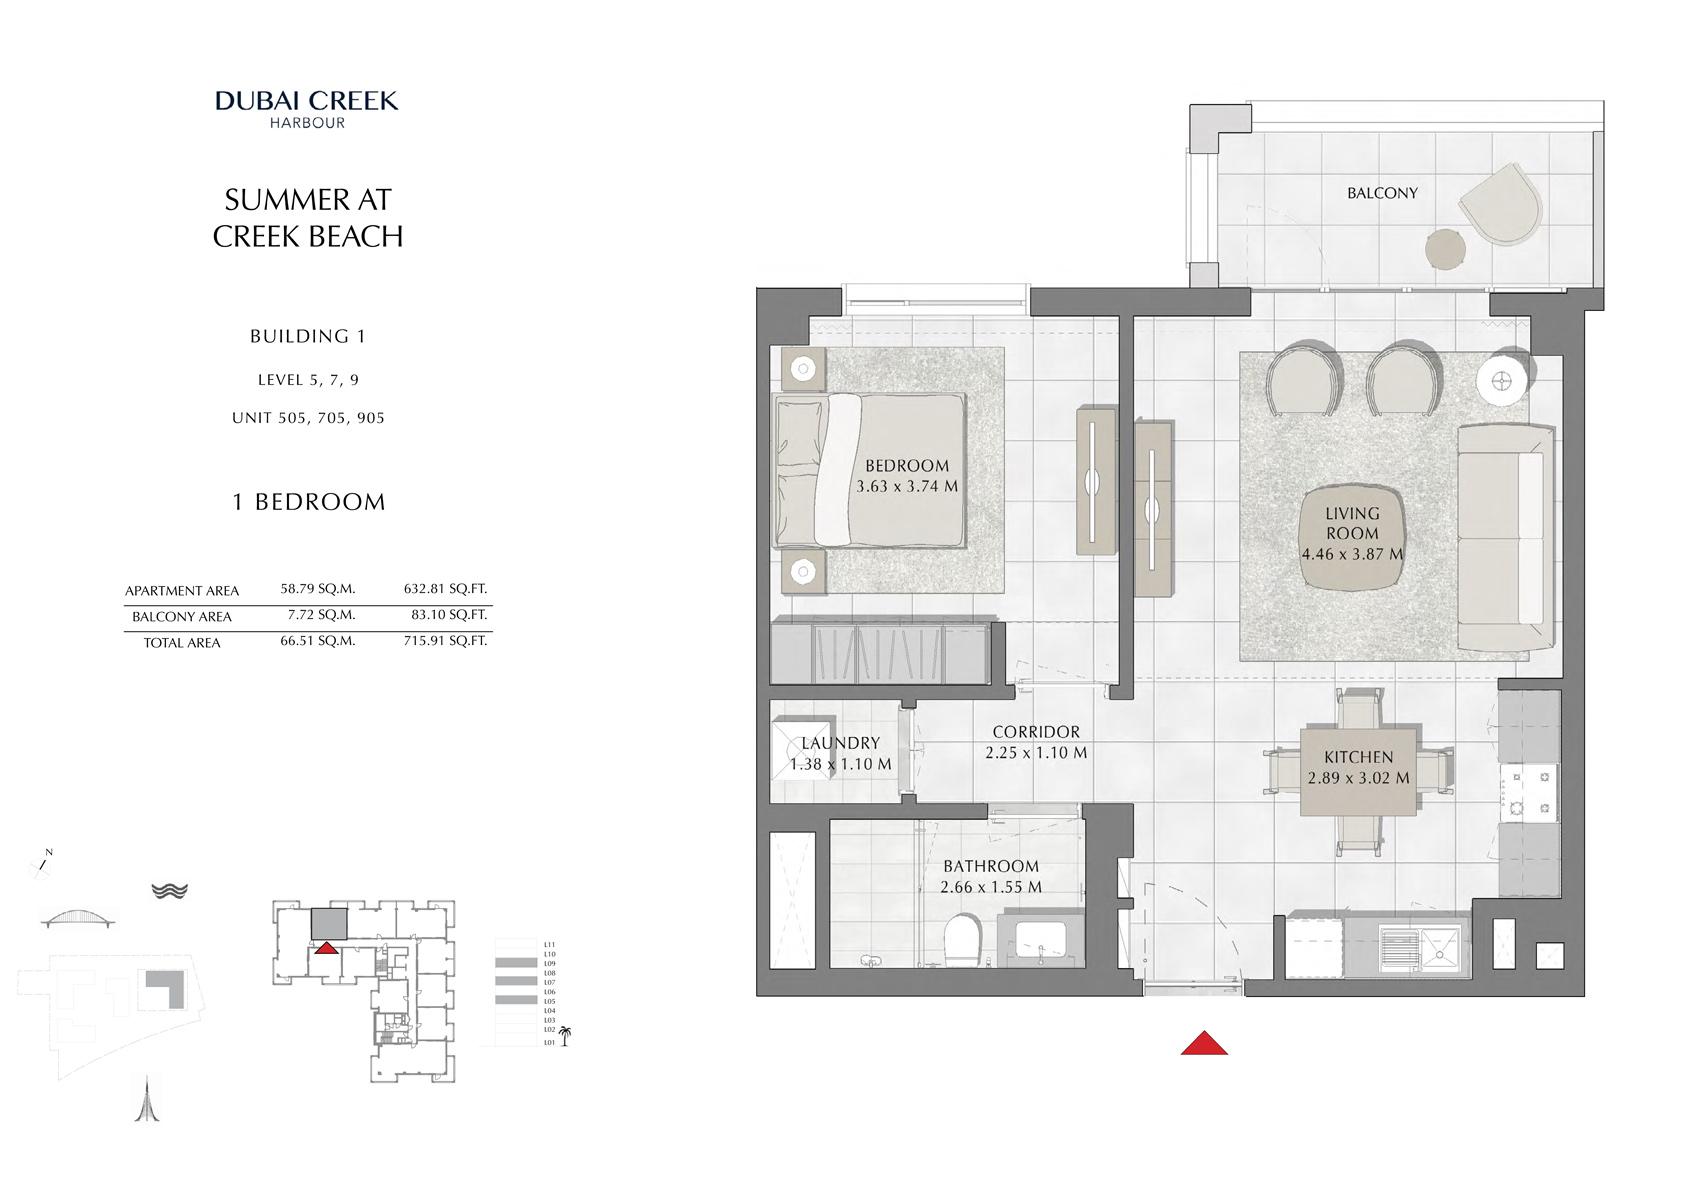 1 Br Building 1 Level-5-7-9 Unit 505-705-905, Size 715 Sq Ft